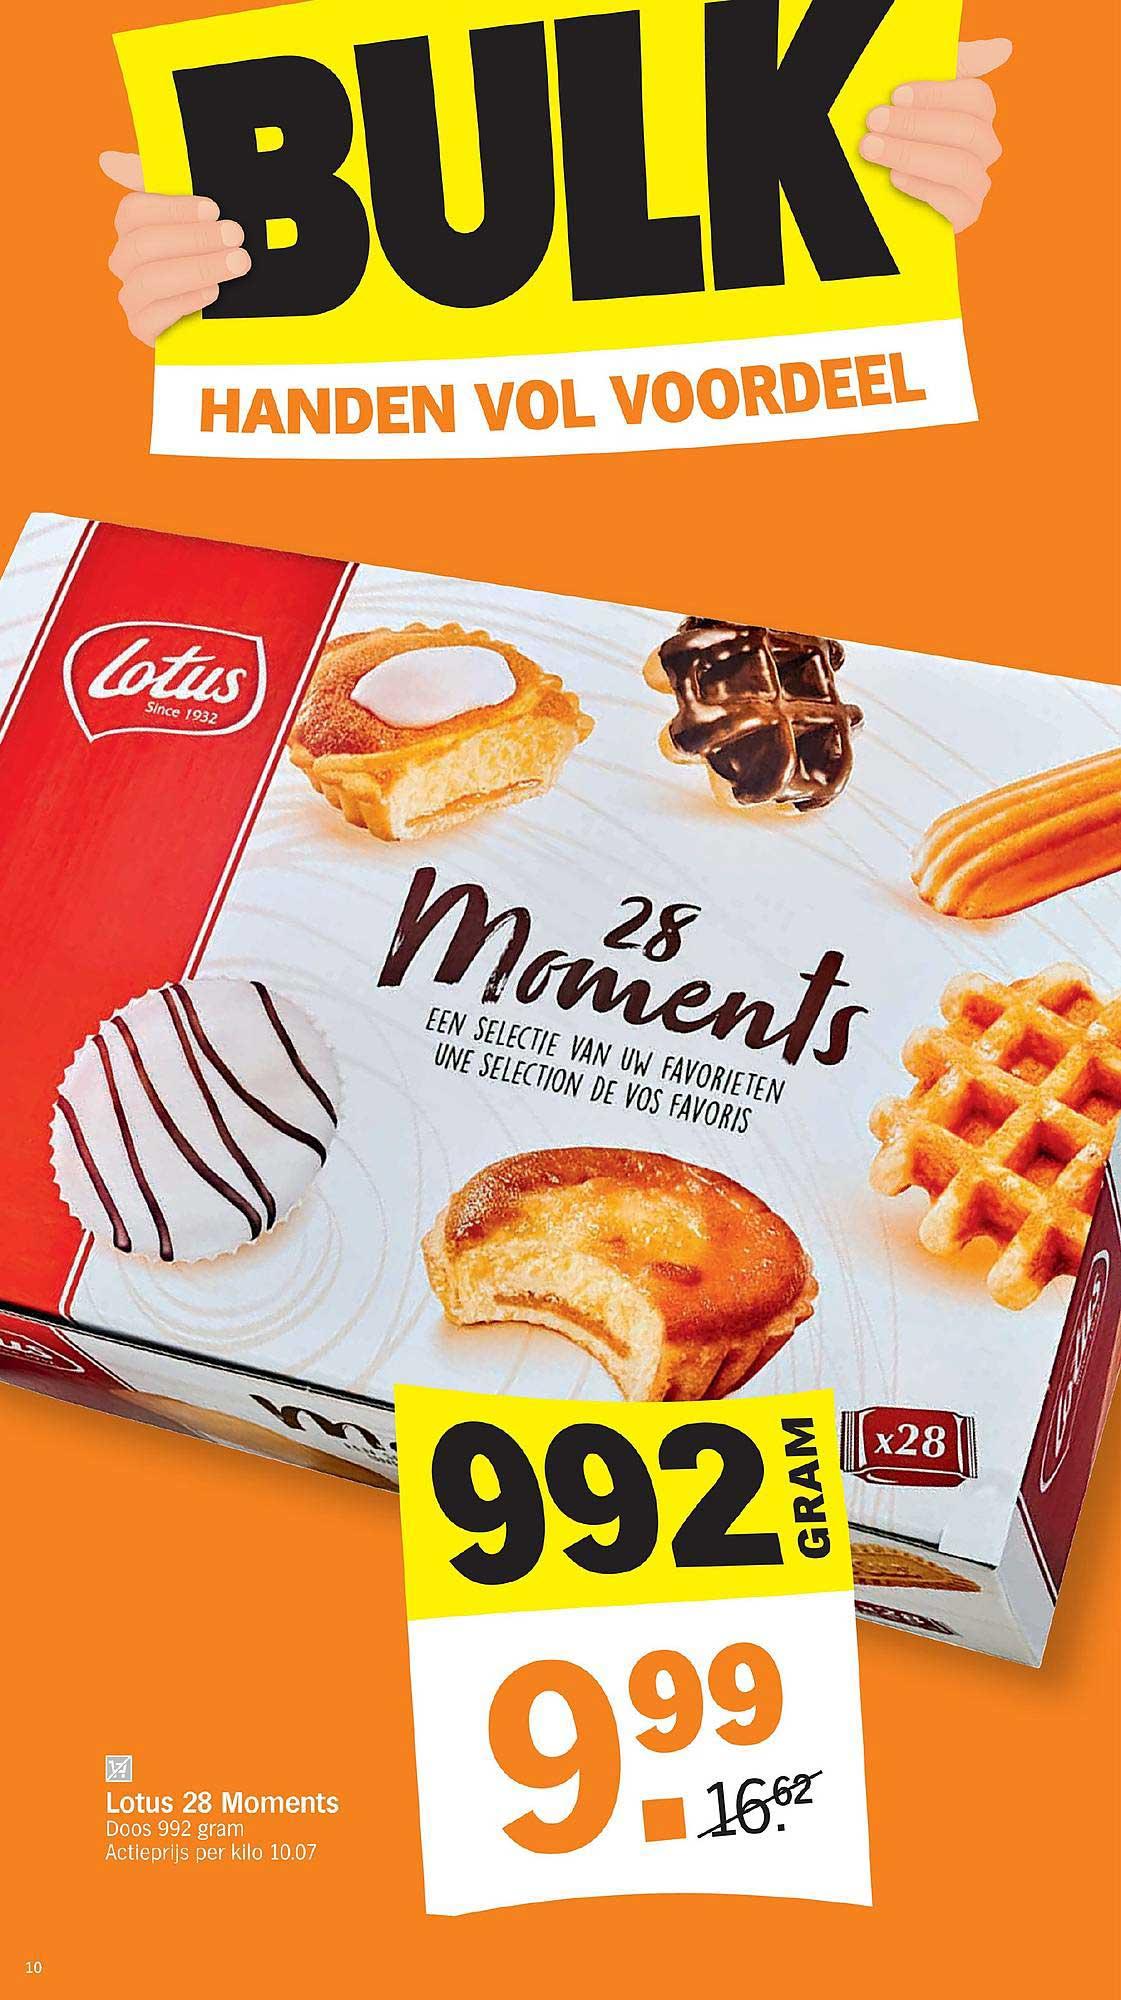 Albert Heijn Lotus 28 Moments